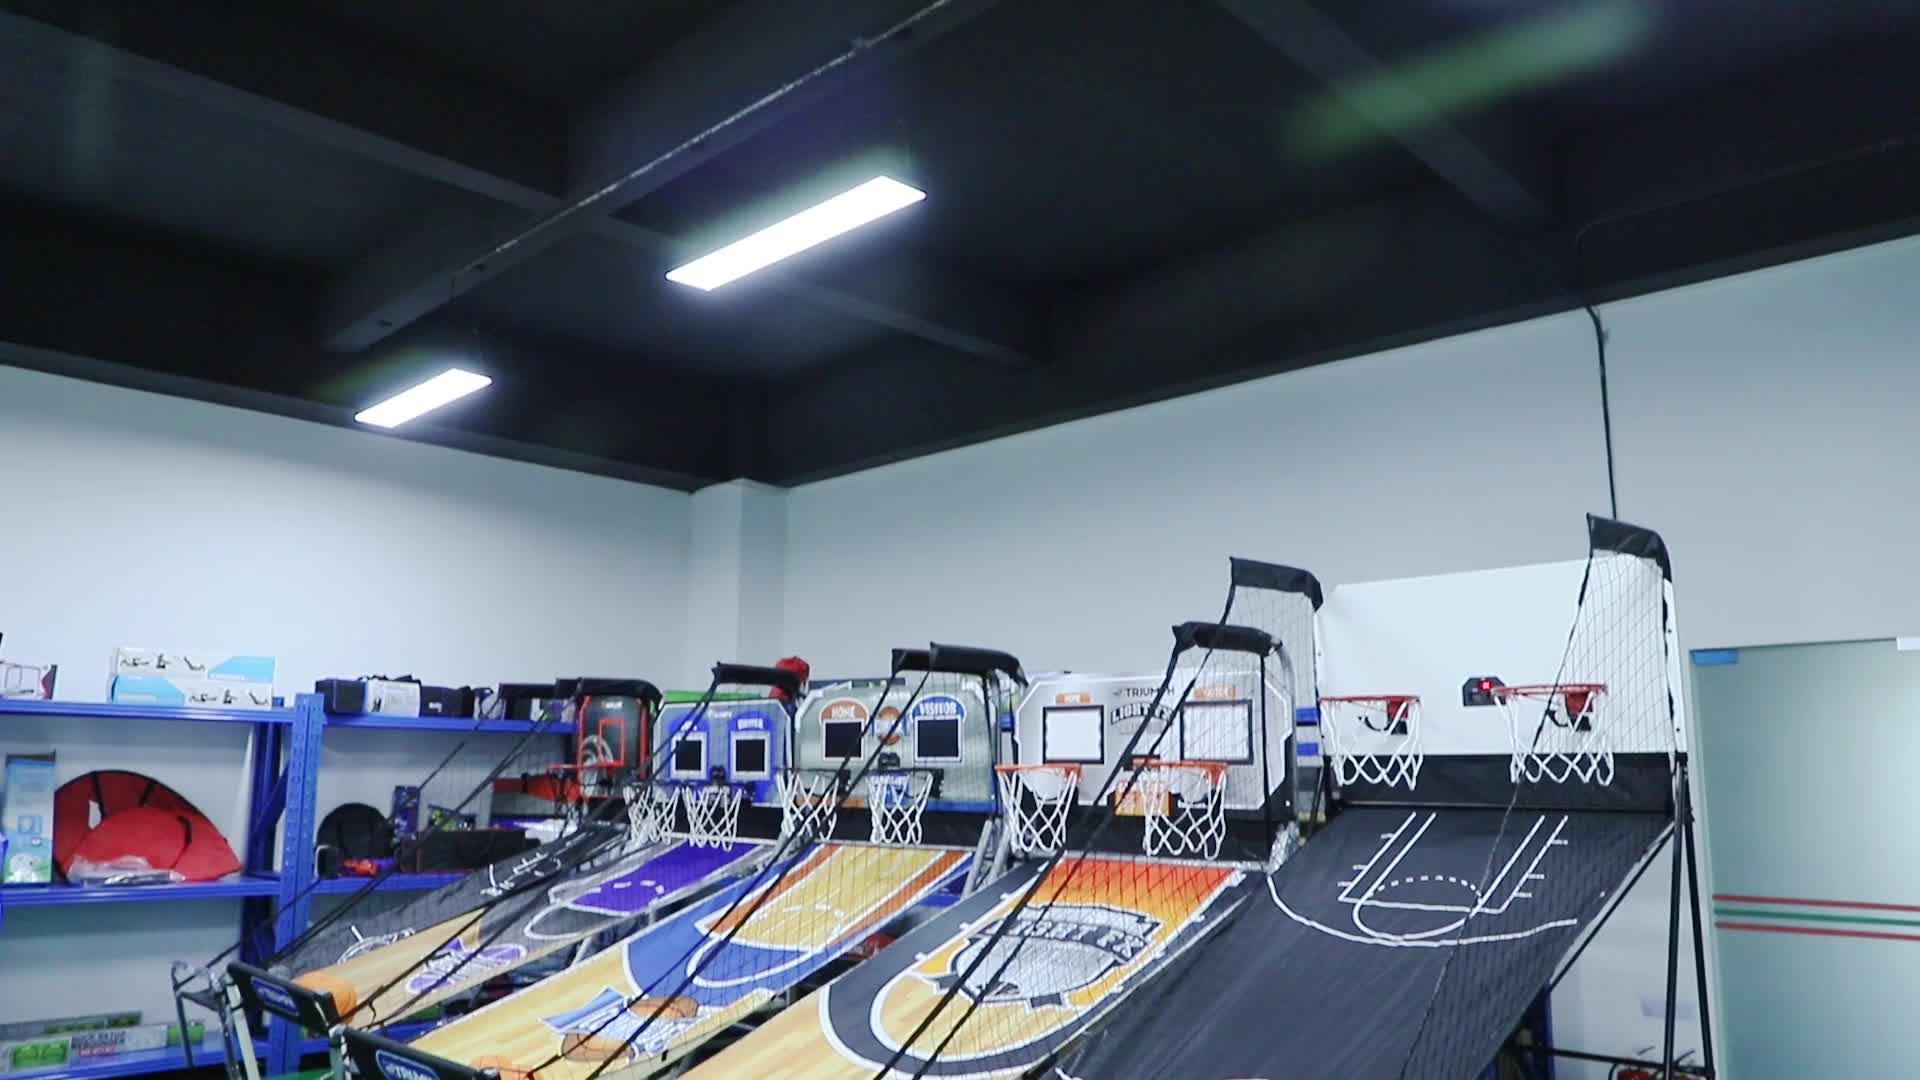 Pabrik Yang Dapat Diandalkan Pasokan Langsung Basket Hiburan Mesin Menembak Pelatihan